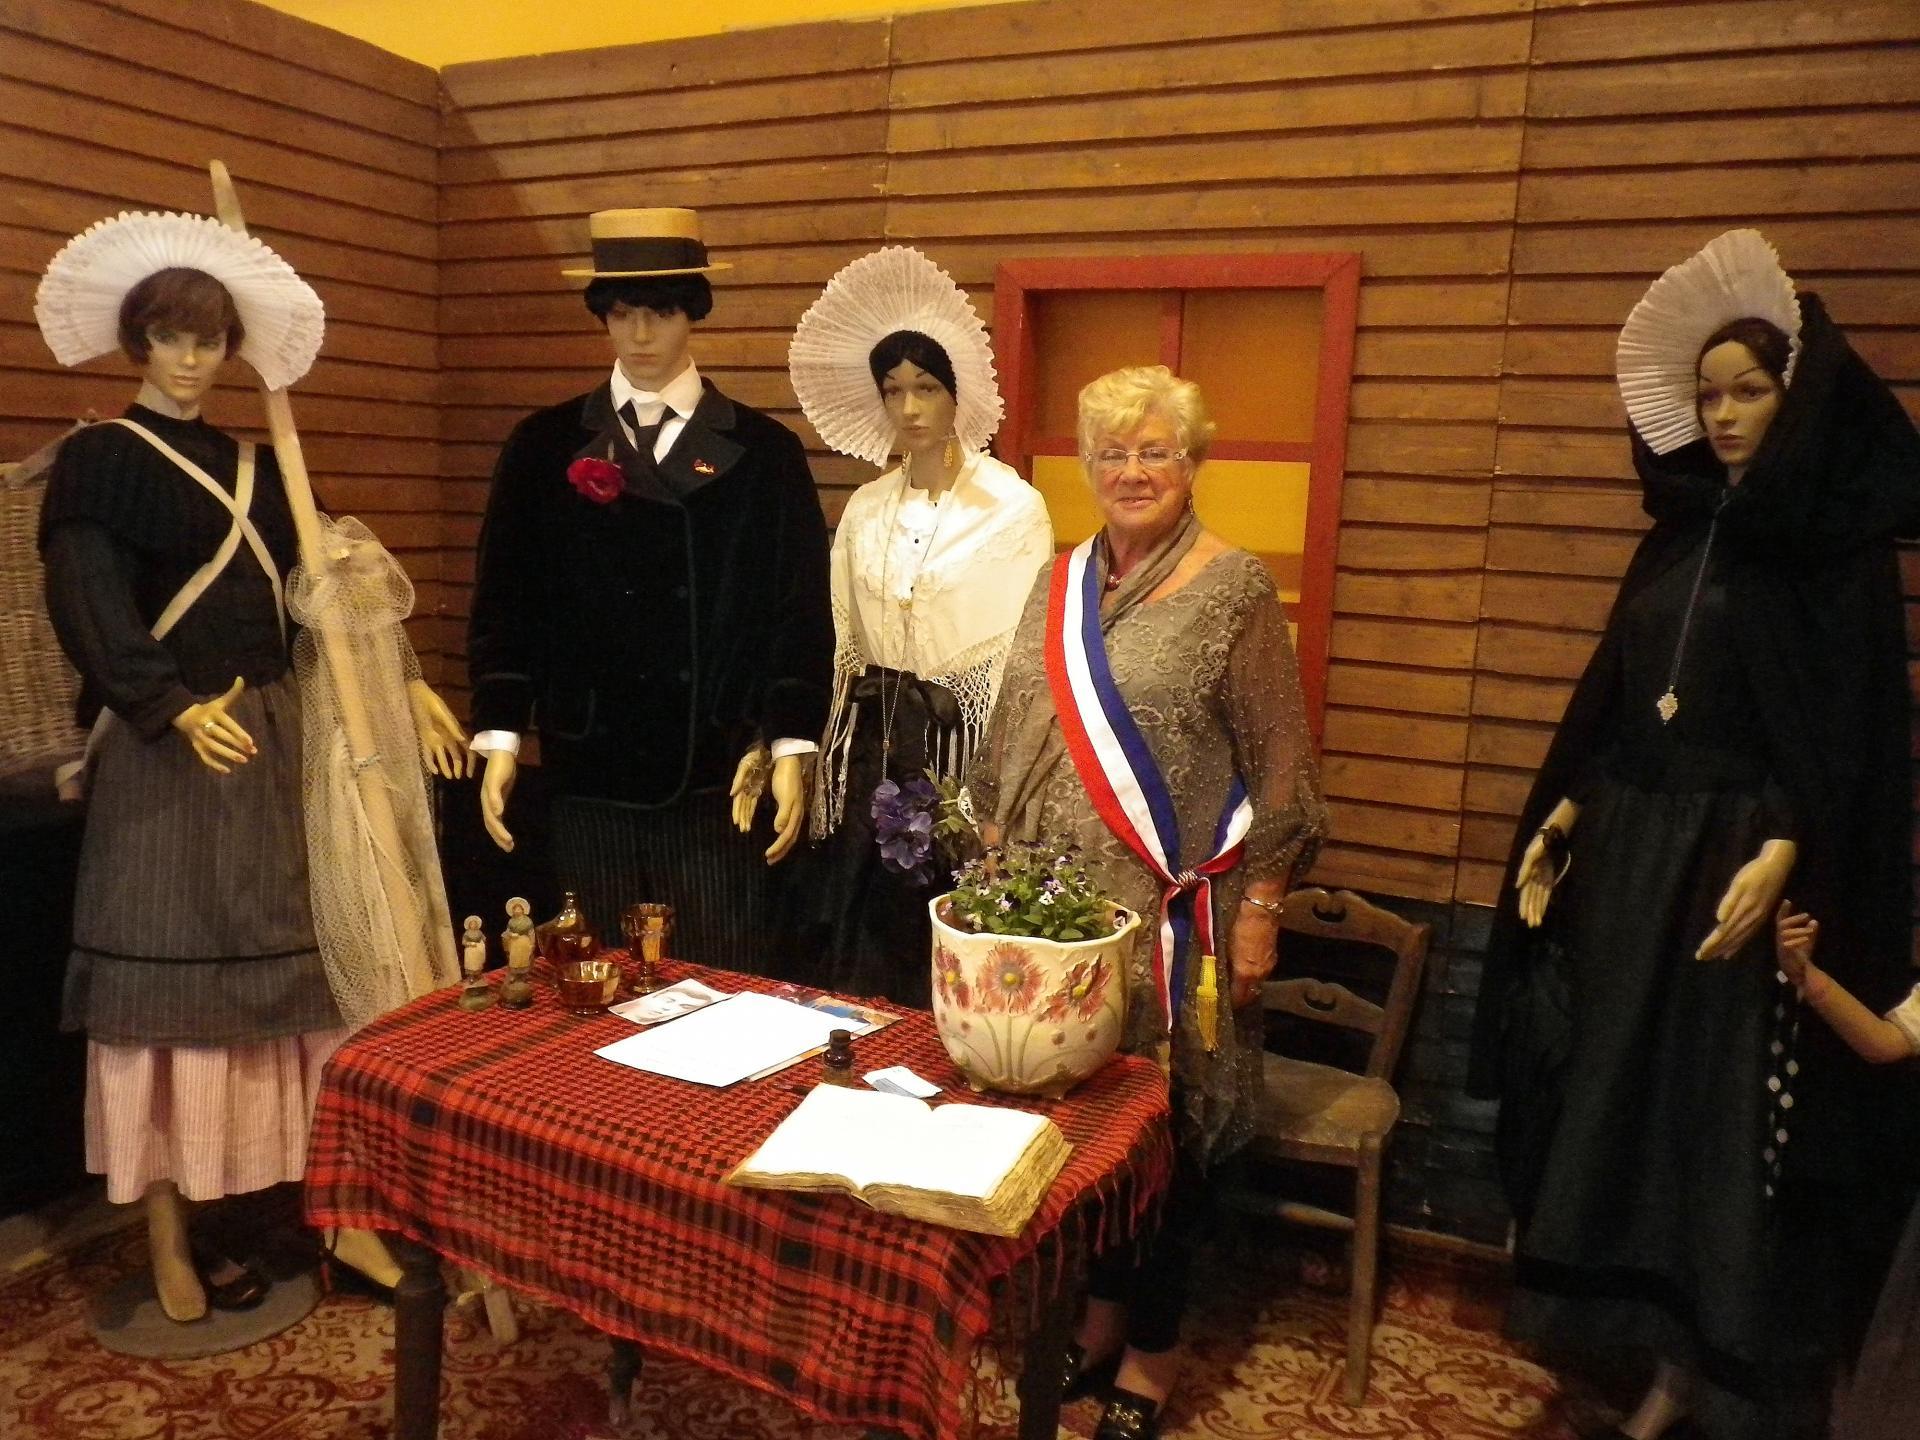 Mariage par madame jacqueline dewet des courguinois magritte et jean paul lors des journees du patrimoine a calais